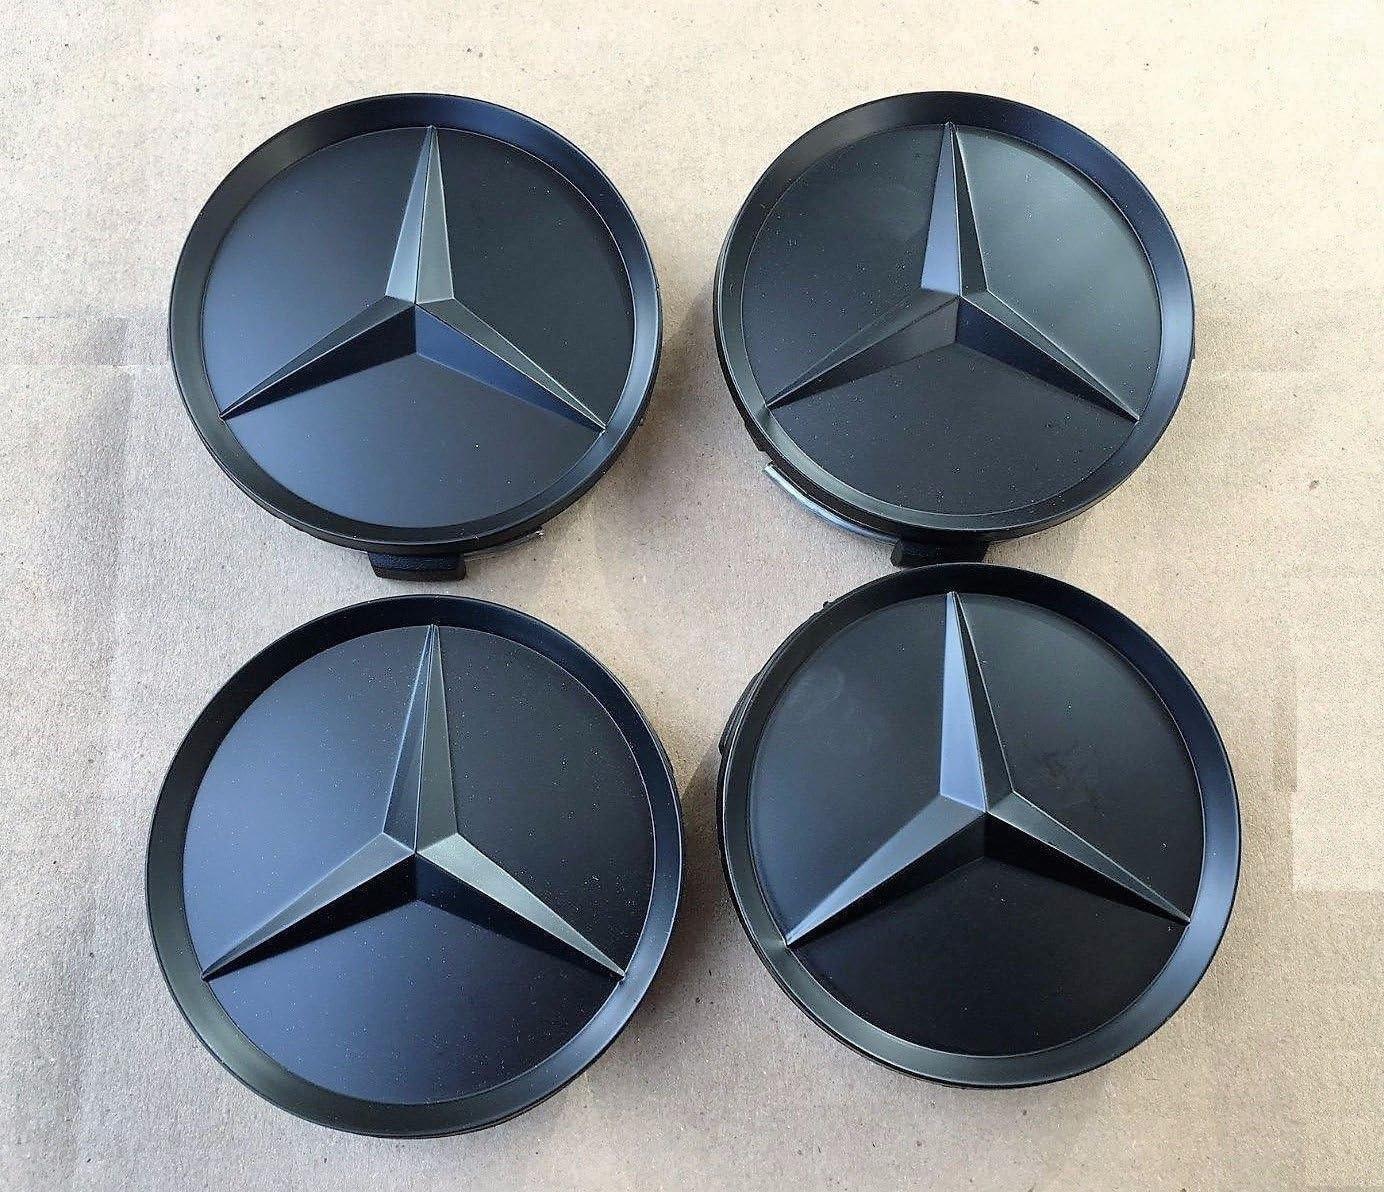 4 X Kappen Nabendeckel Felgendeckel Nabenkappen Logo Mercedes Benz Schwarz Matte All Black 75 Mm Klasse A B C Und Clk Gl M Ml Slk Für Nieten Felgen Legierung Auto